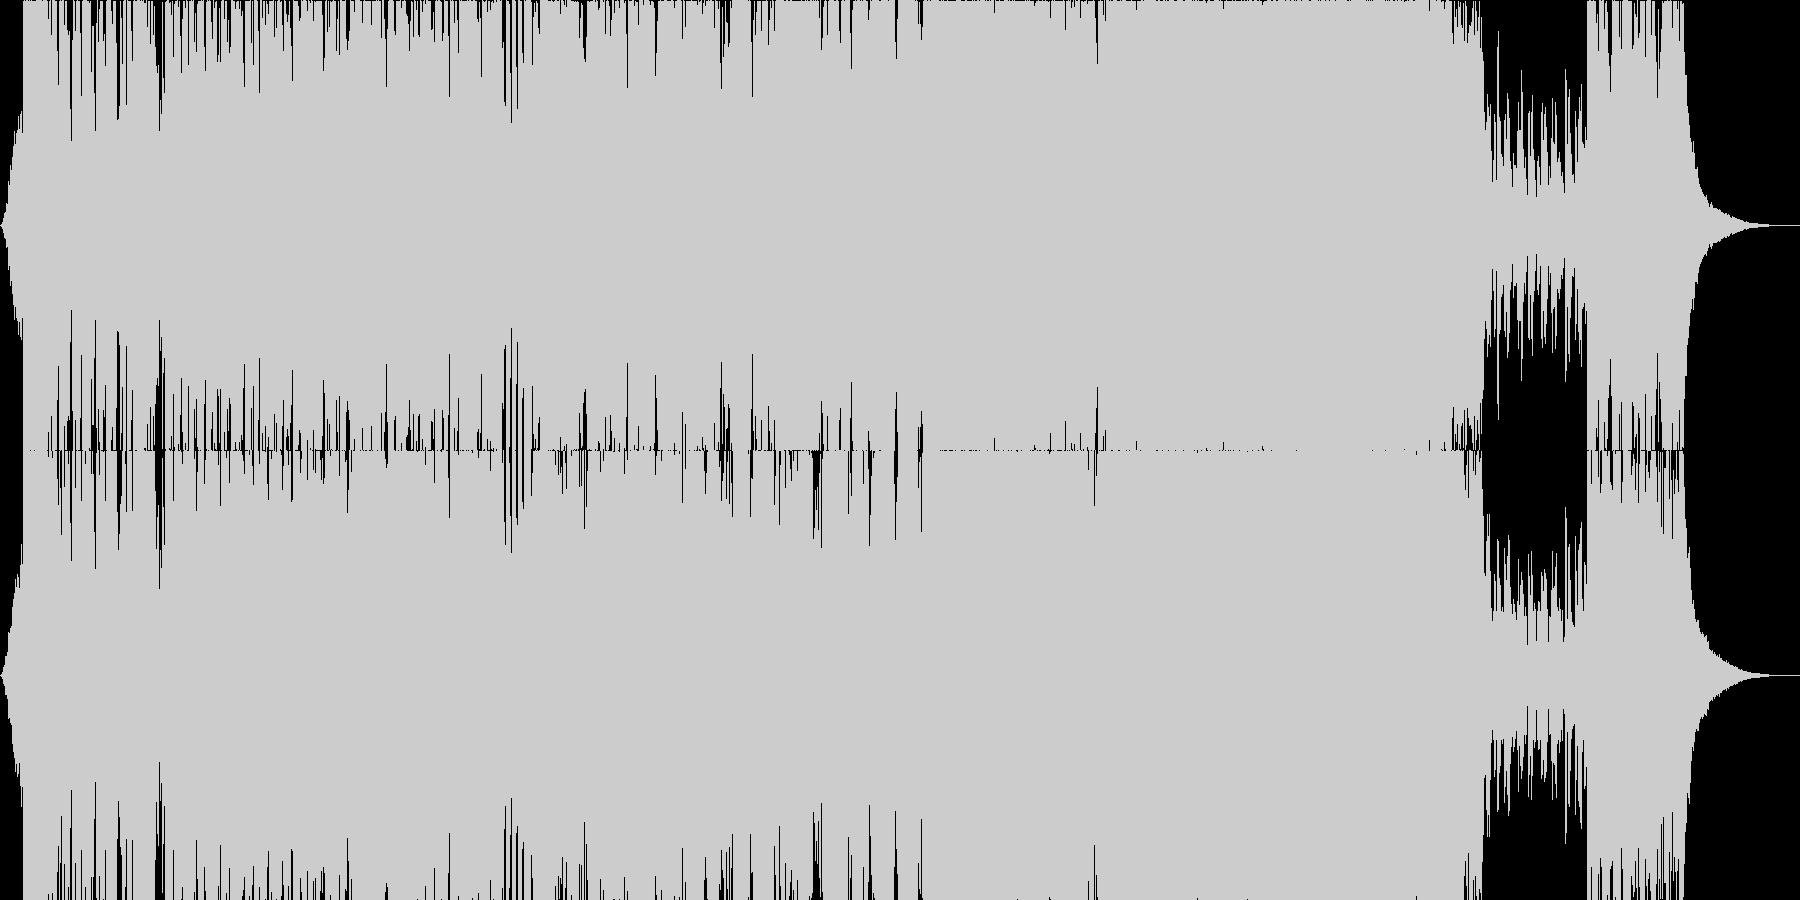 管弦打楽器の織り成す疾走感のある戦闘曲の未再生の波形